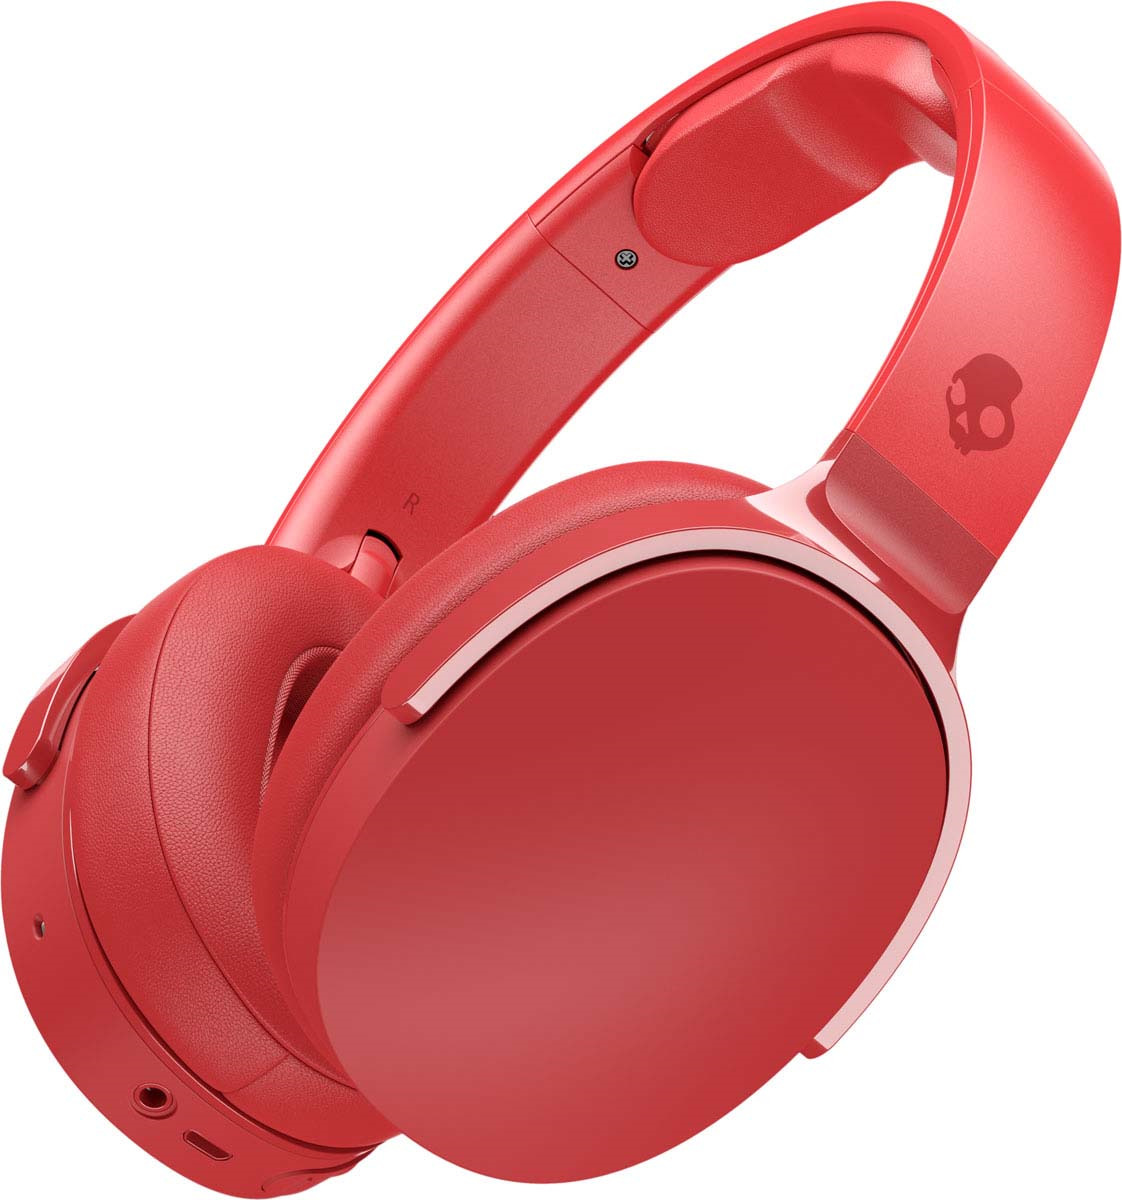 Фото - Беспроводные наушники Skullcandy Hesh 3 Wireless, красный наушники skullcandy stim s2lhy k569 синий